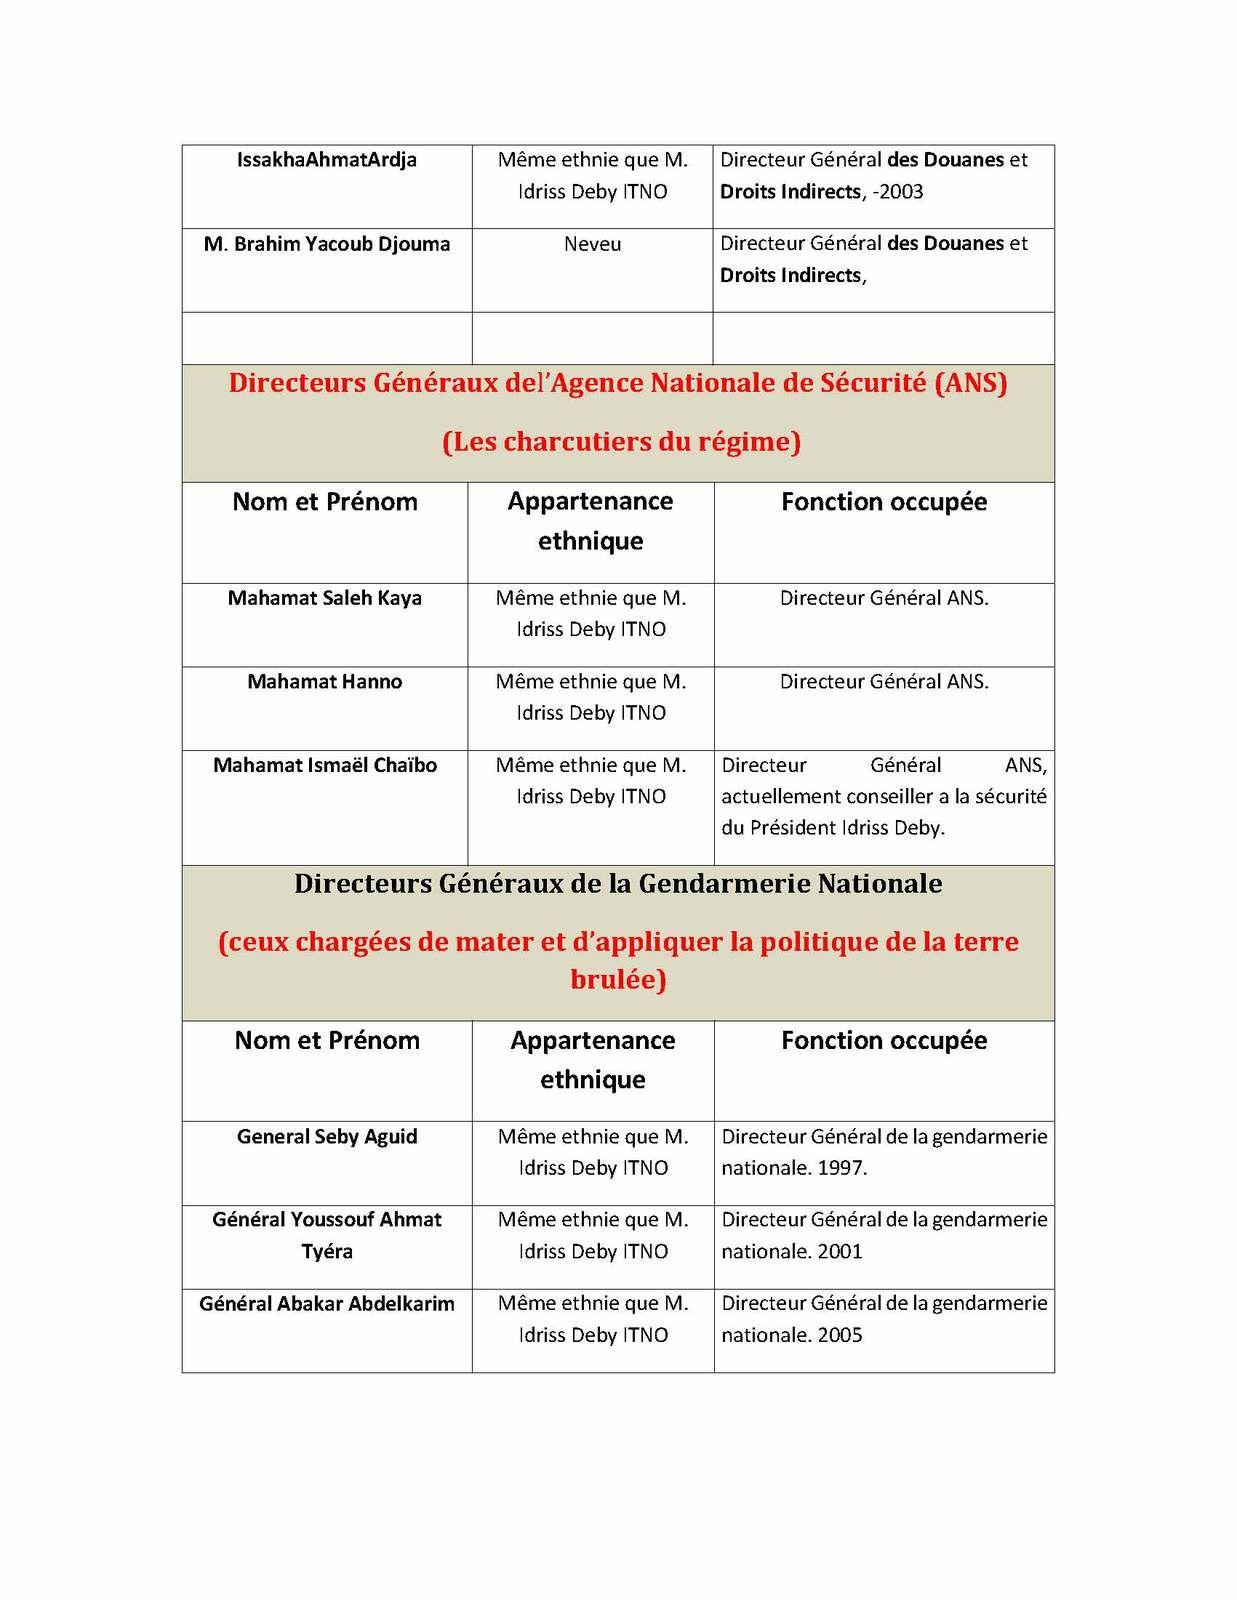 Liste de la honte au Tchad: concentration abominable des richesses entre Idriss Deby et les siens ( enquête du MCCT)